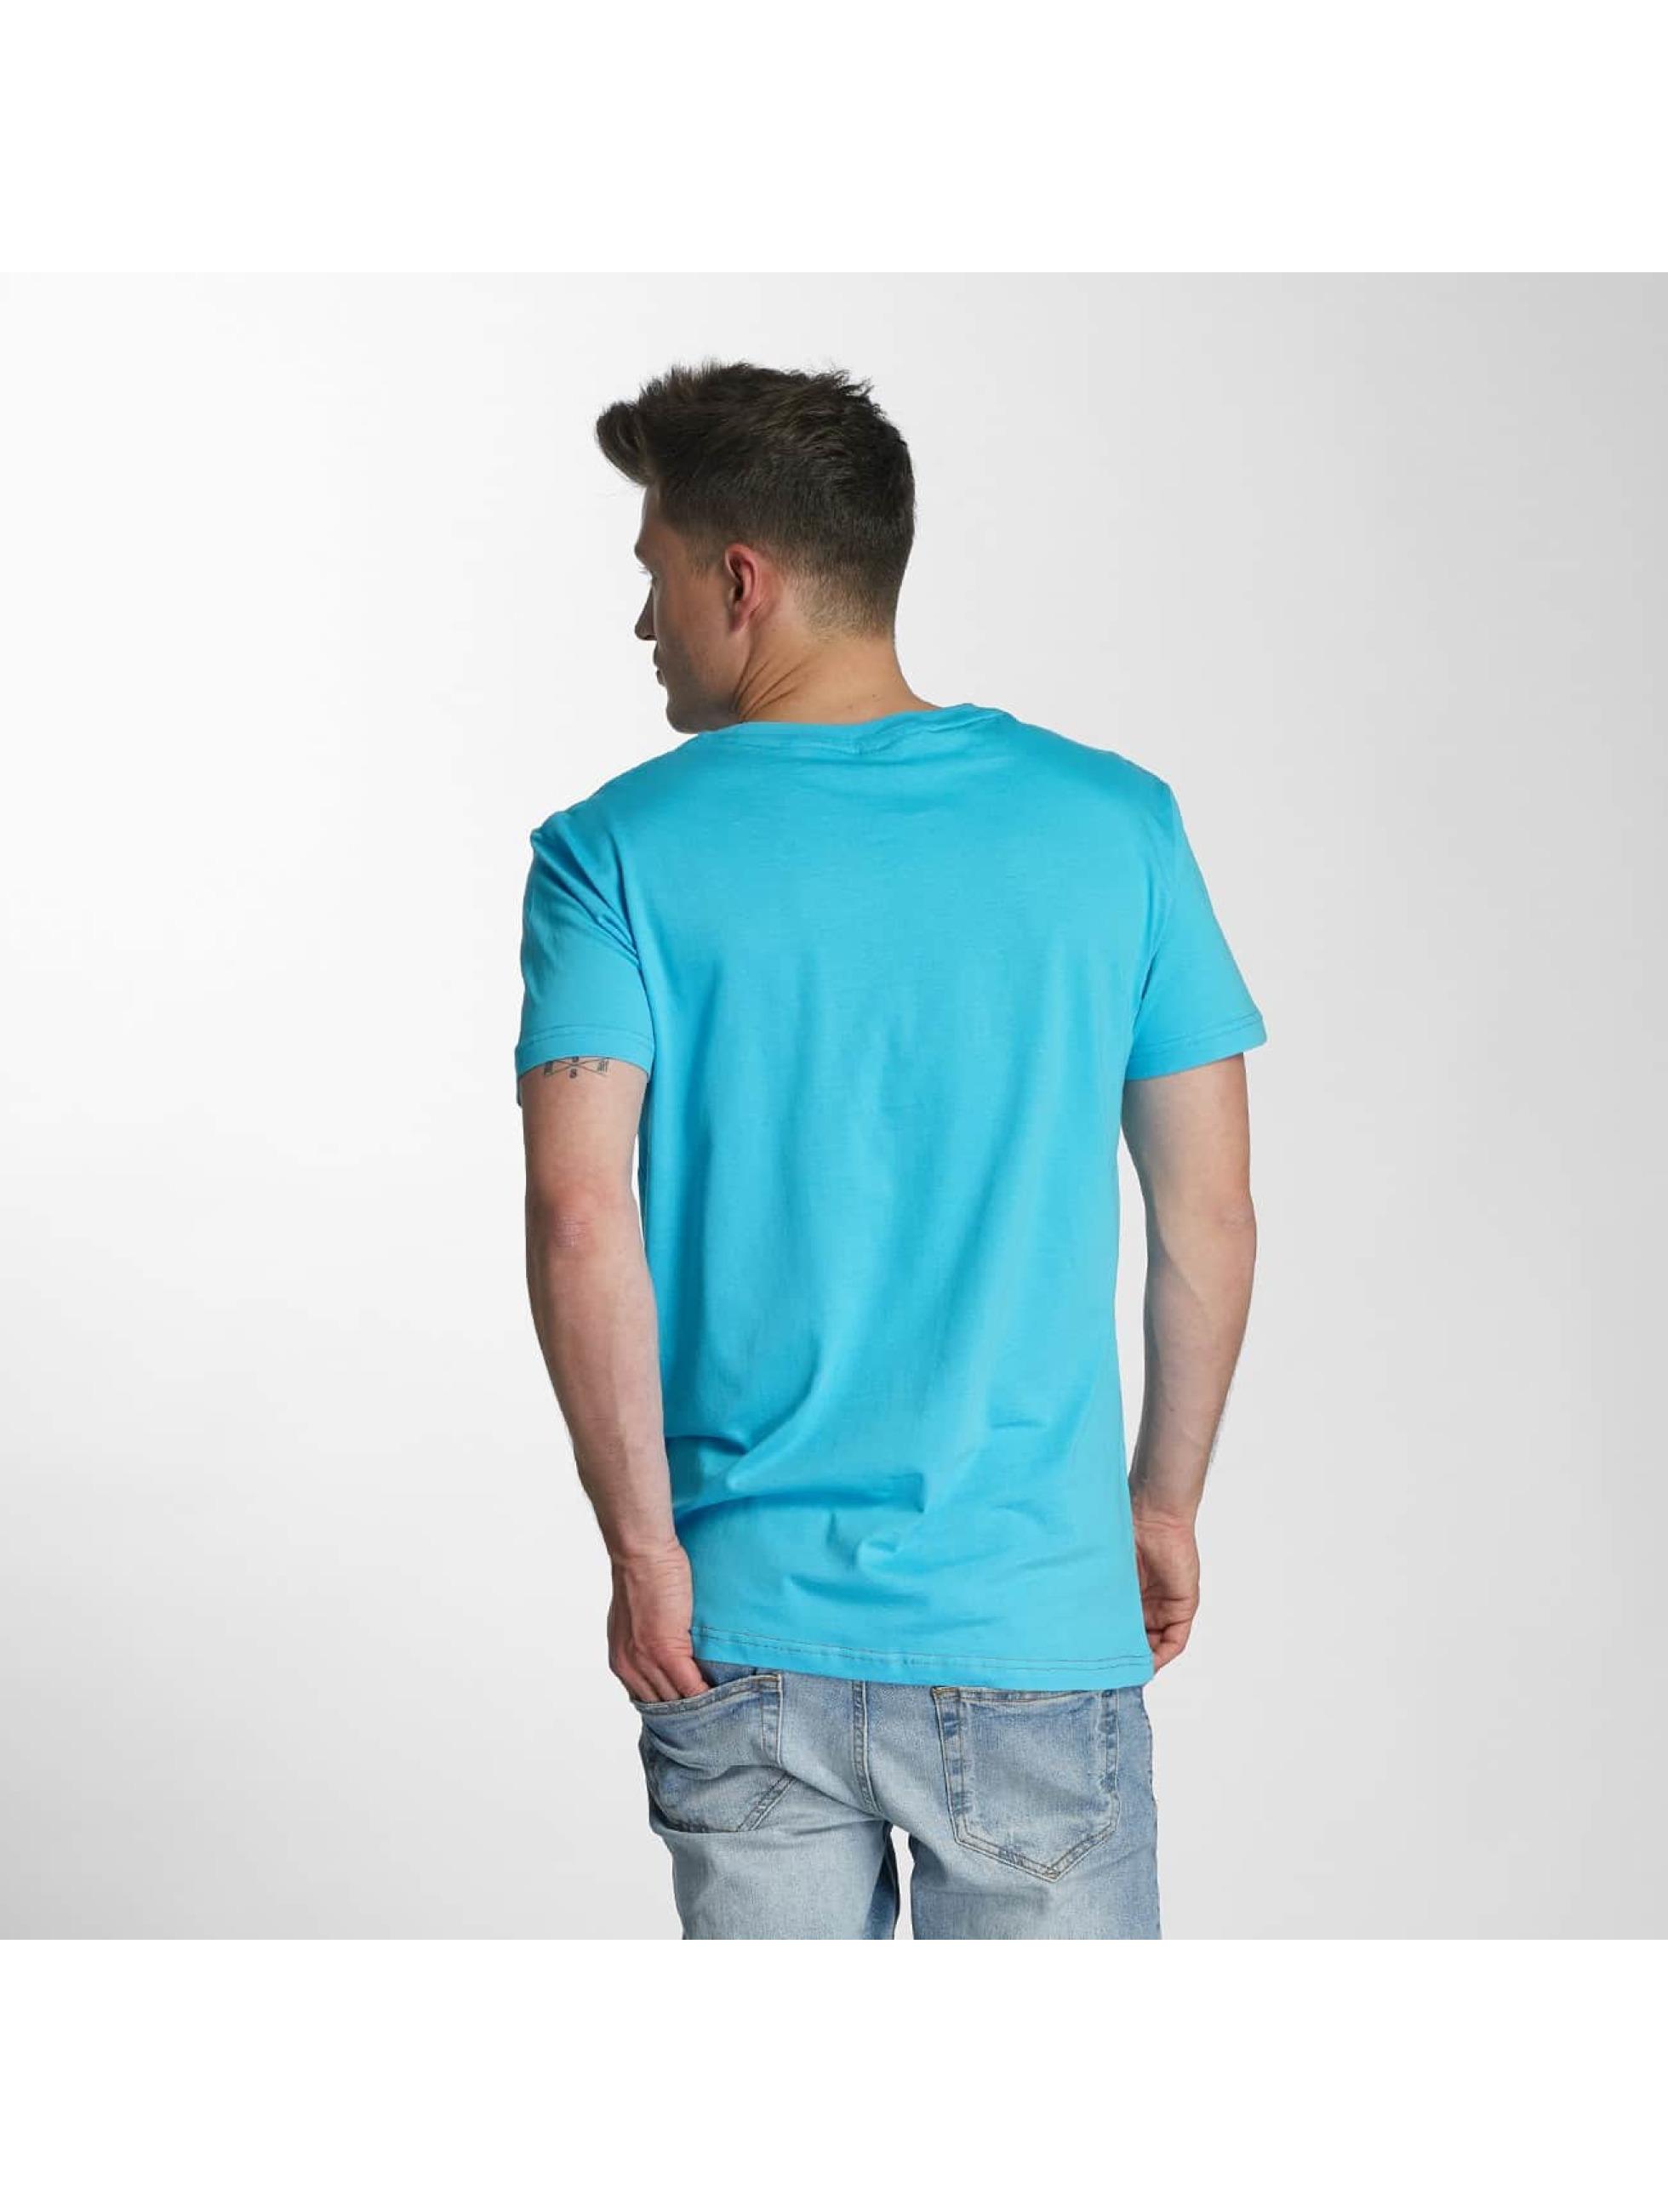 Shisha-Uomini-Maglieria-T-shirt-Jor